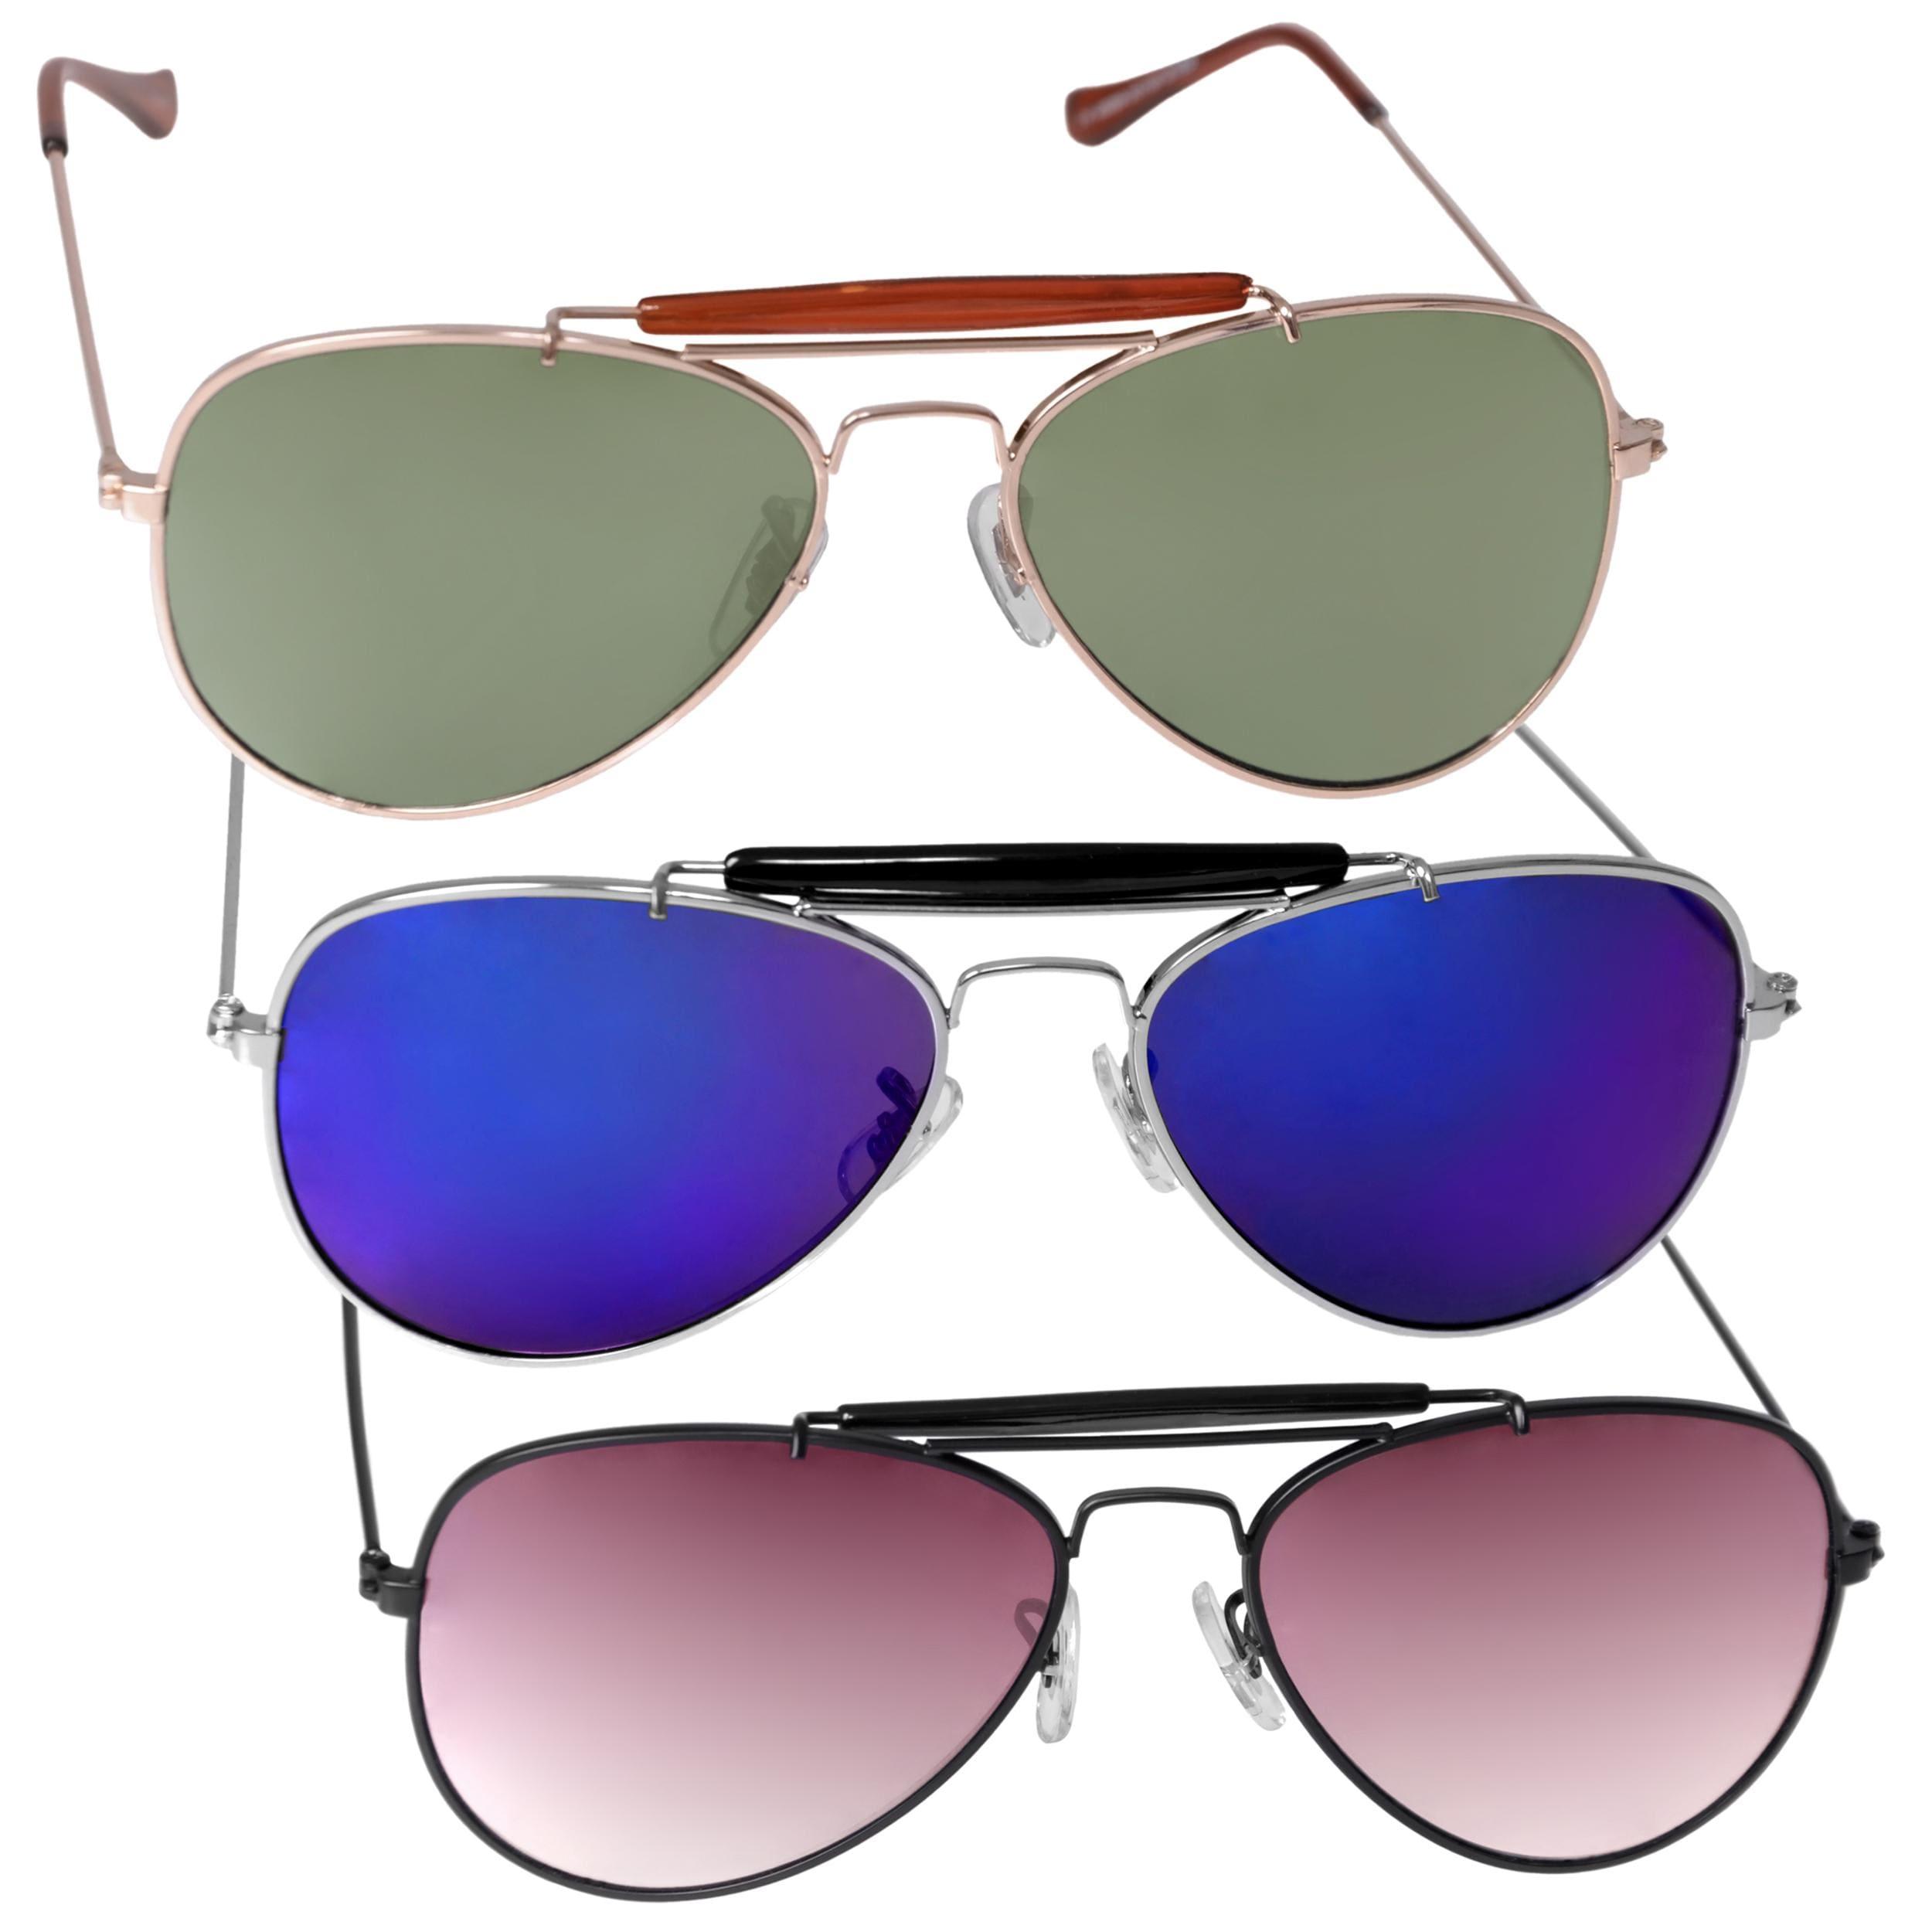 Adi Designs Unisex Aviator Sunglasses